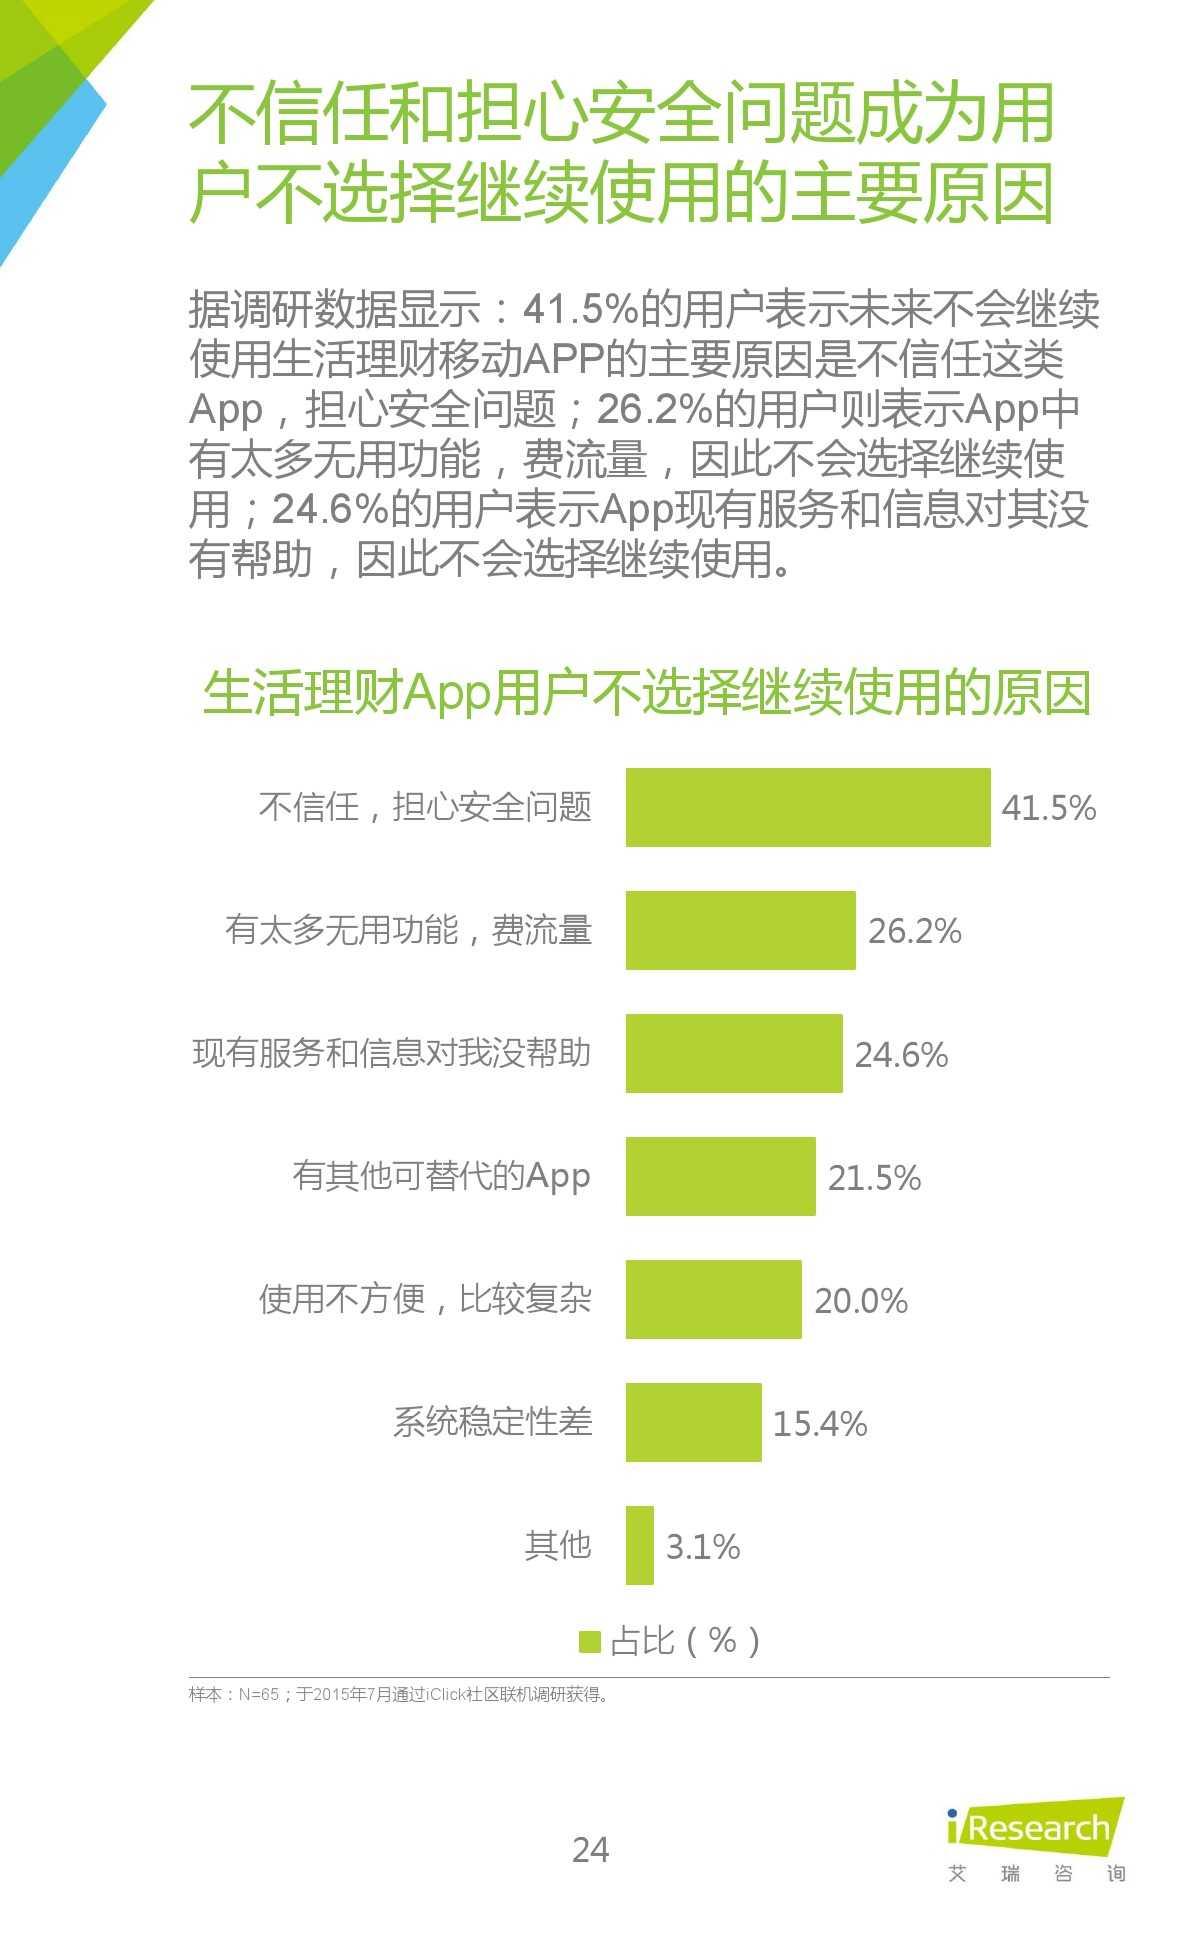 2015年中国生活理财移动App行业研究报告_000024